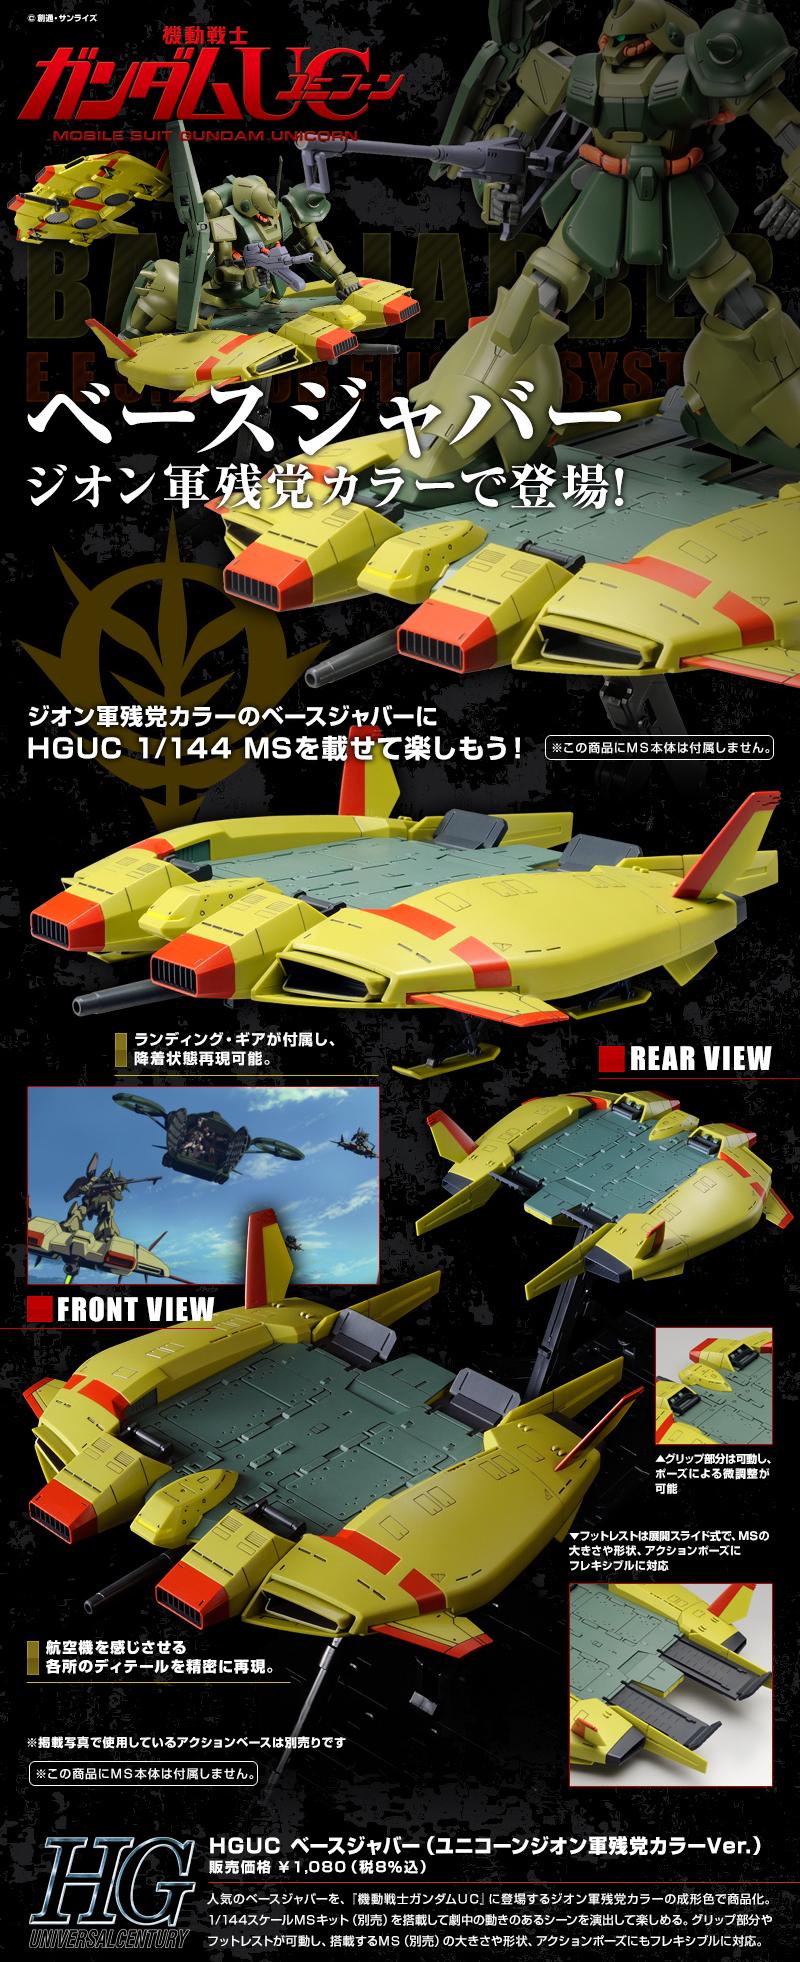 HGUC 1/144 ベースジャバー(ユニコーン ジオン軍残党カラーVer.) 公式商品説明(画像)